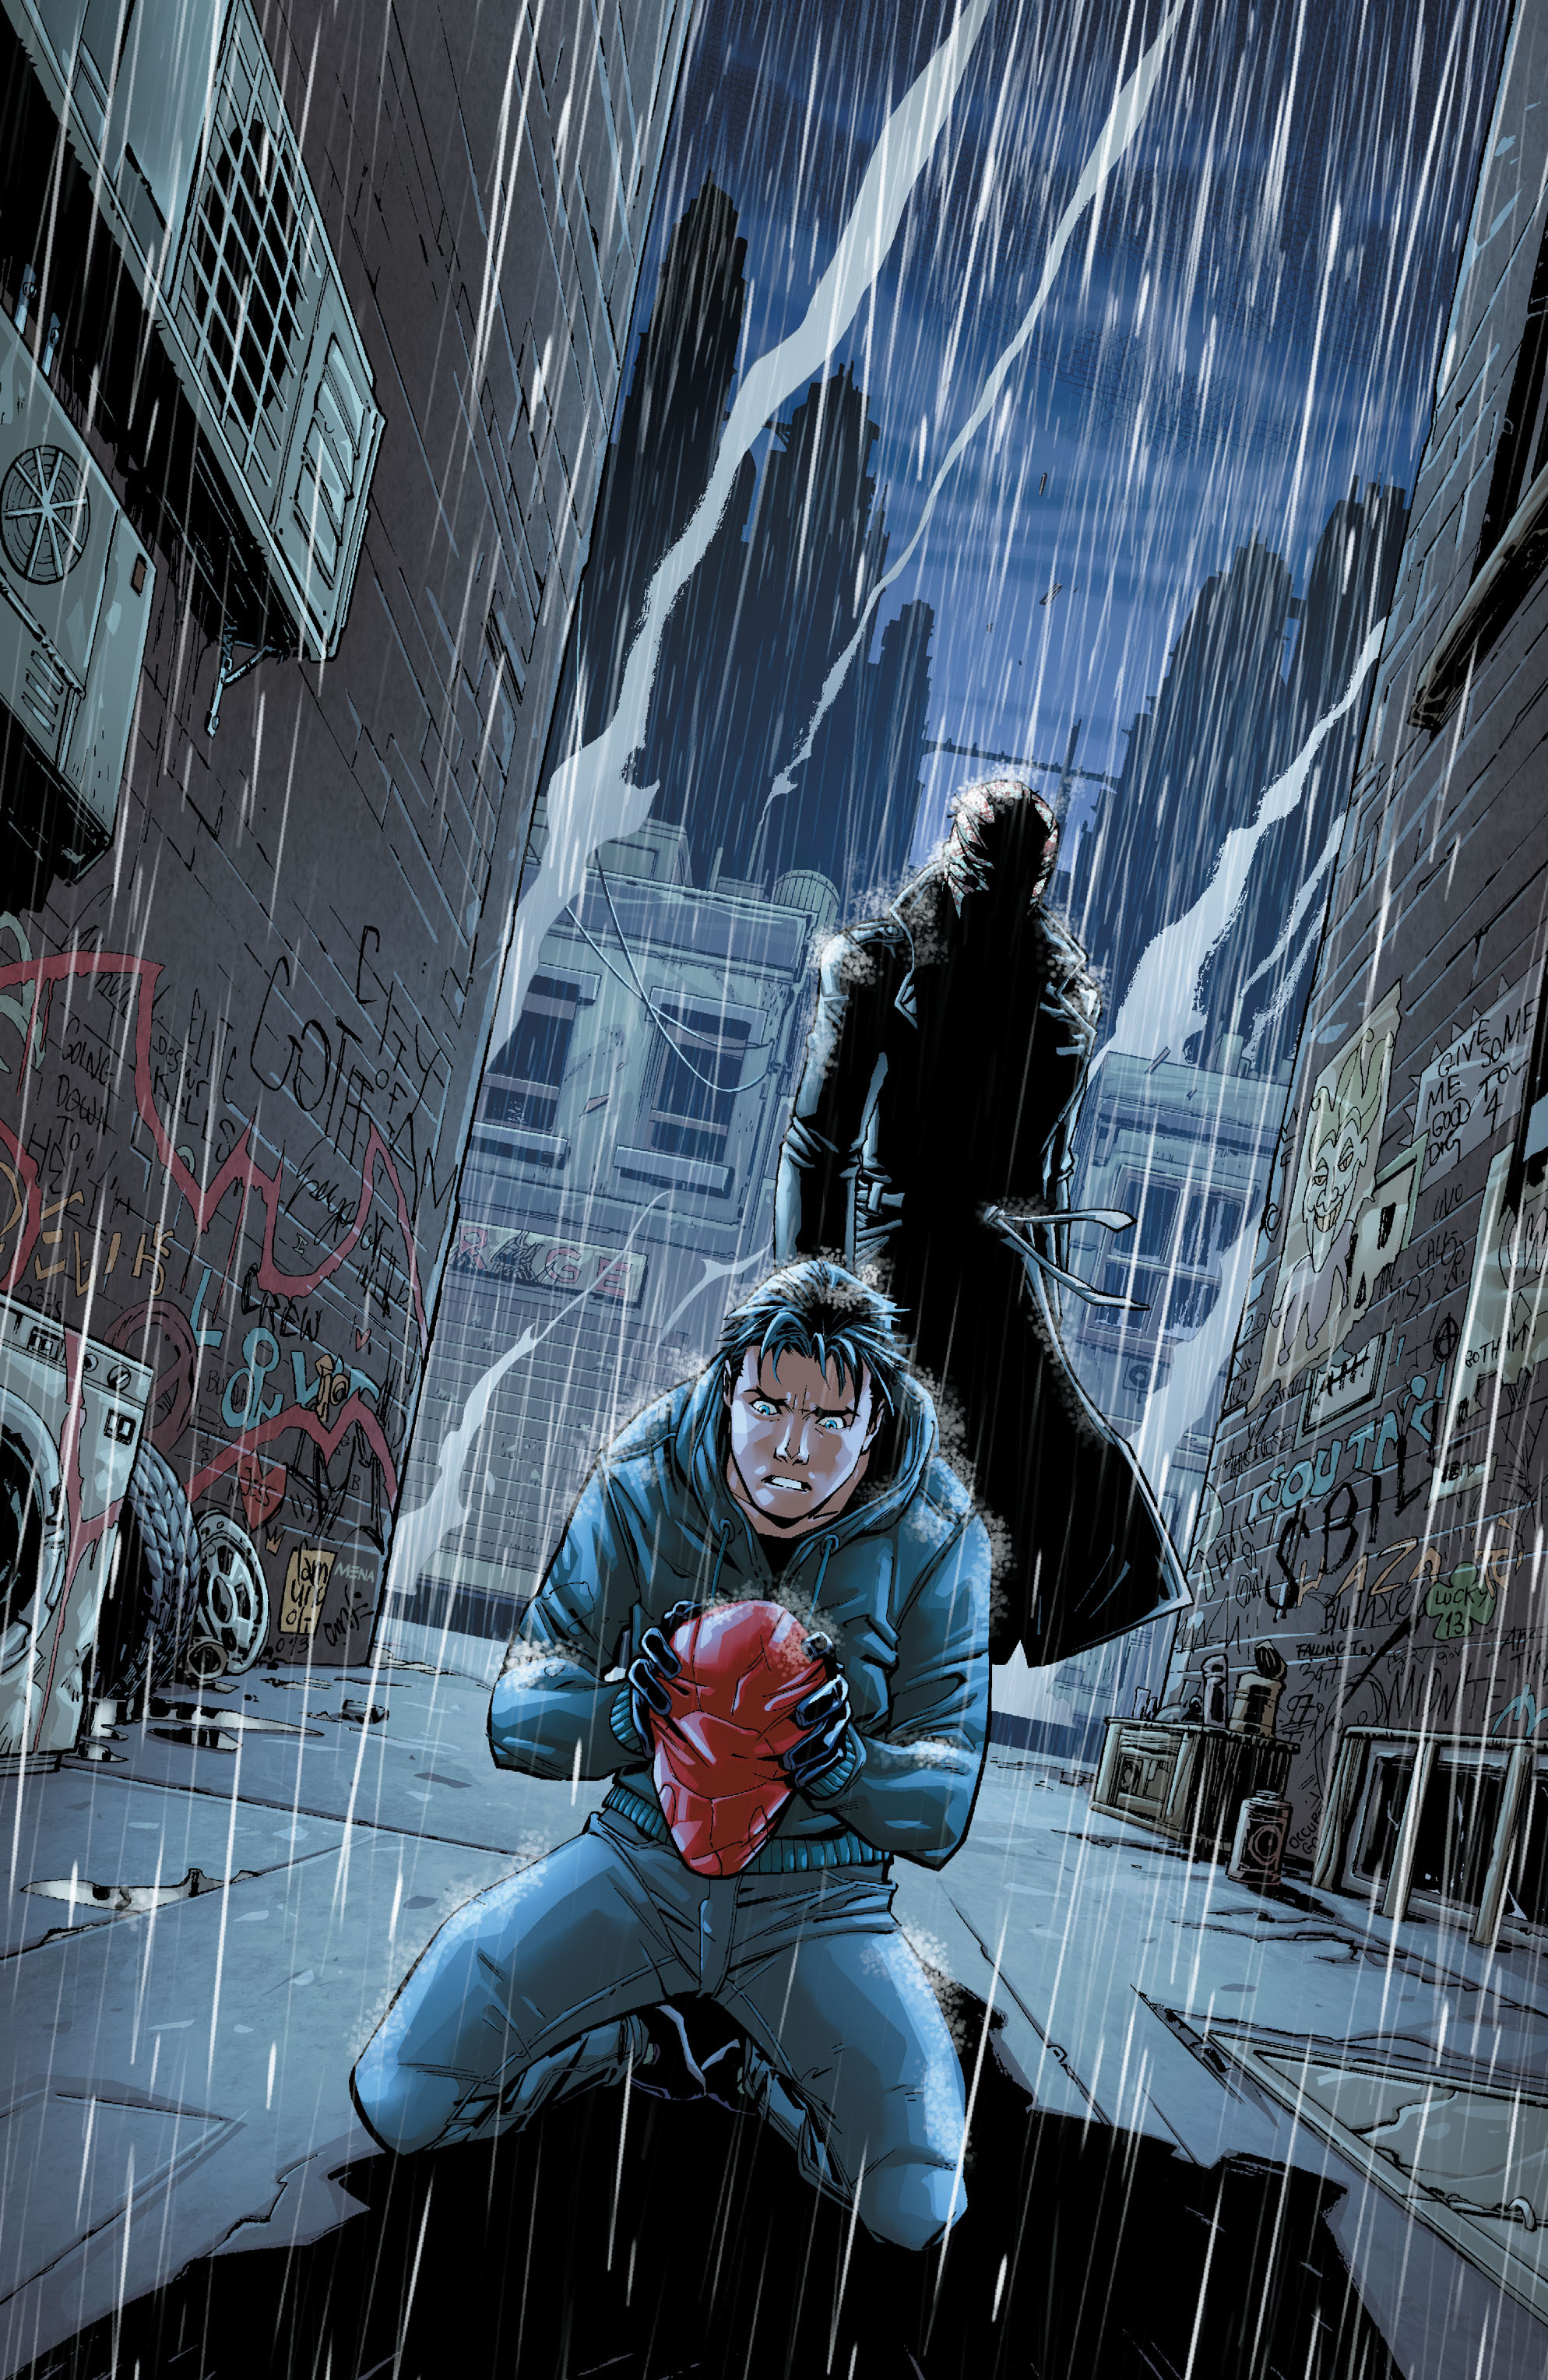 DC Comics: Zero Year chap tpb pic 370